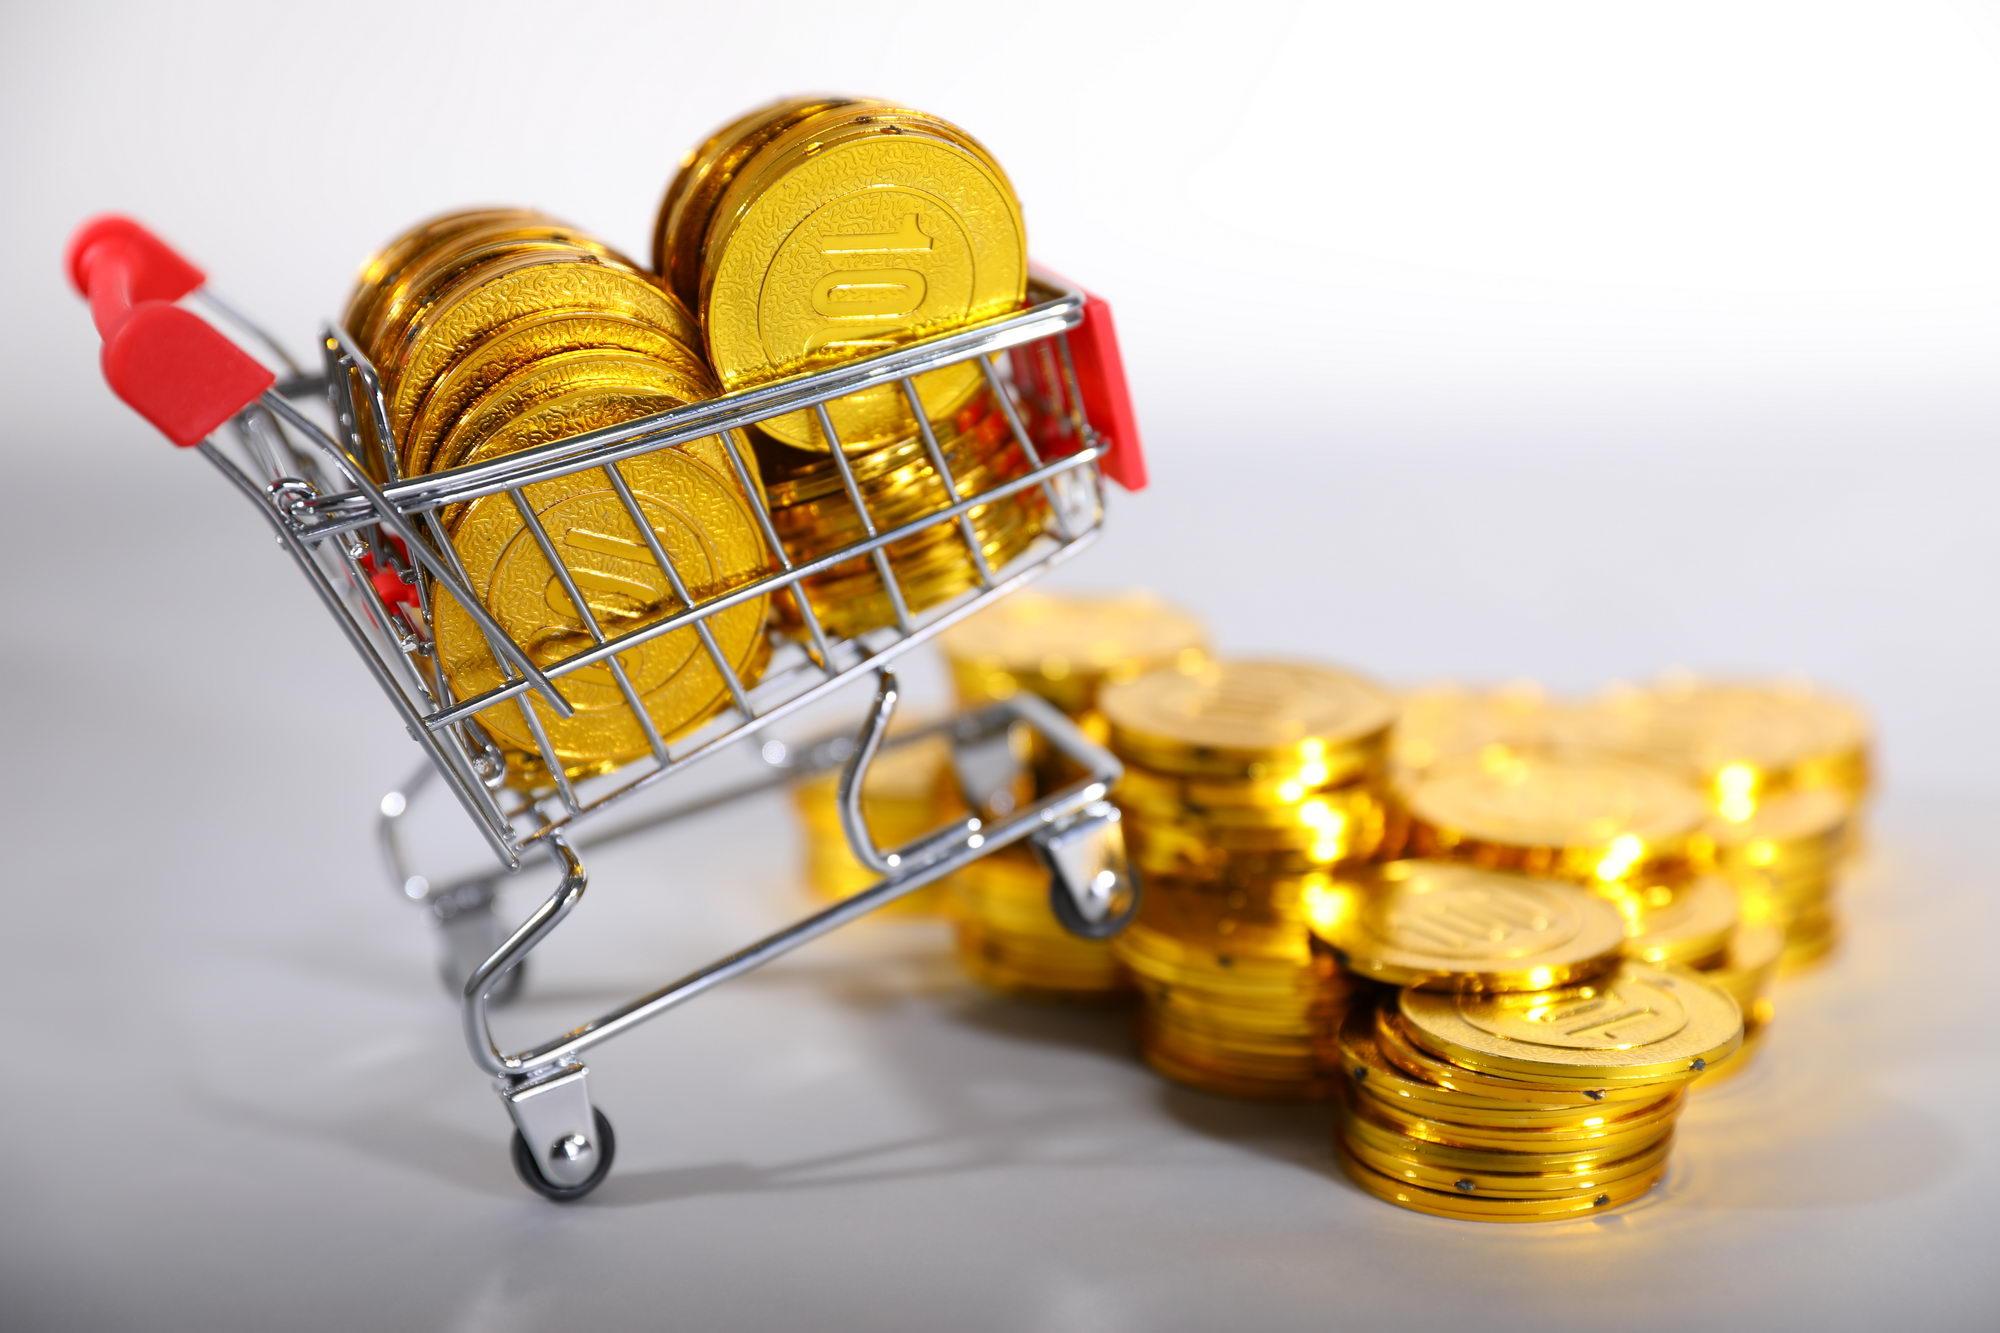 韩国最大外卖平台创始人将捐出一半财产用于慈善